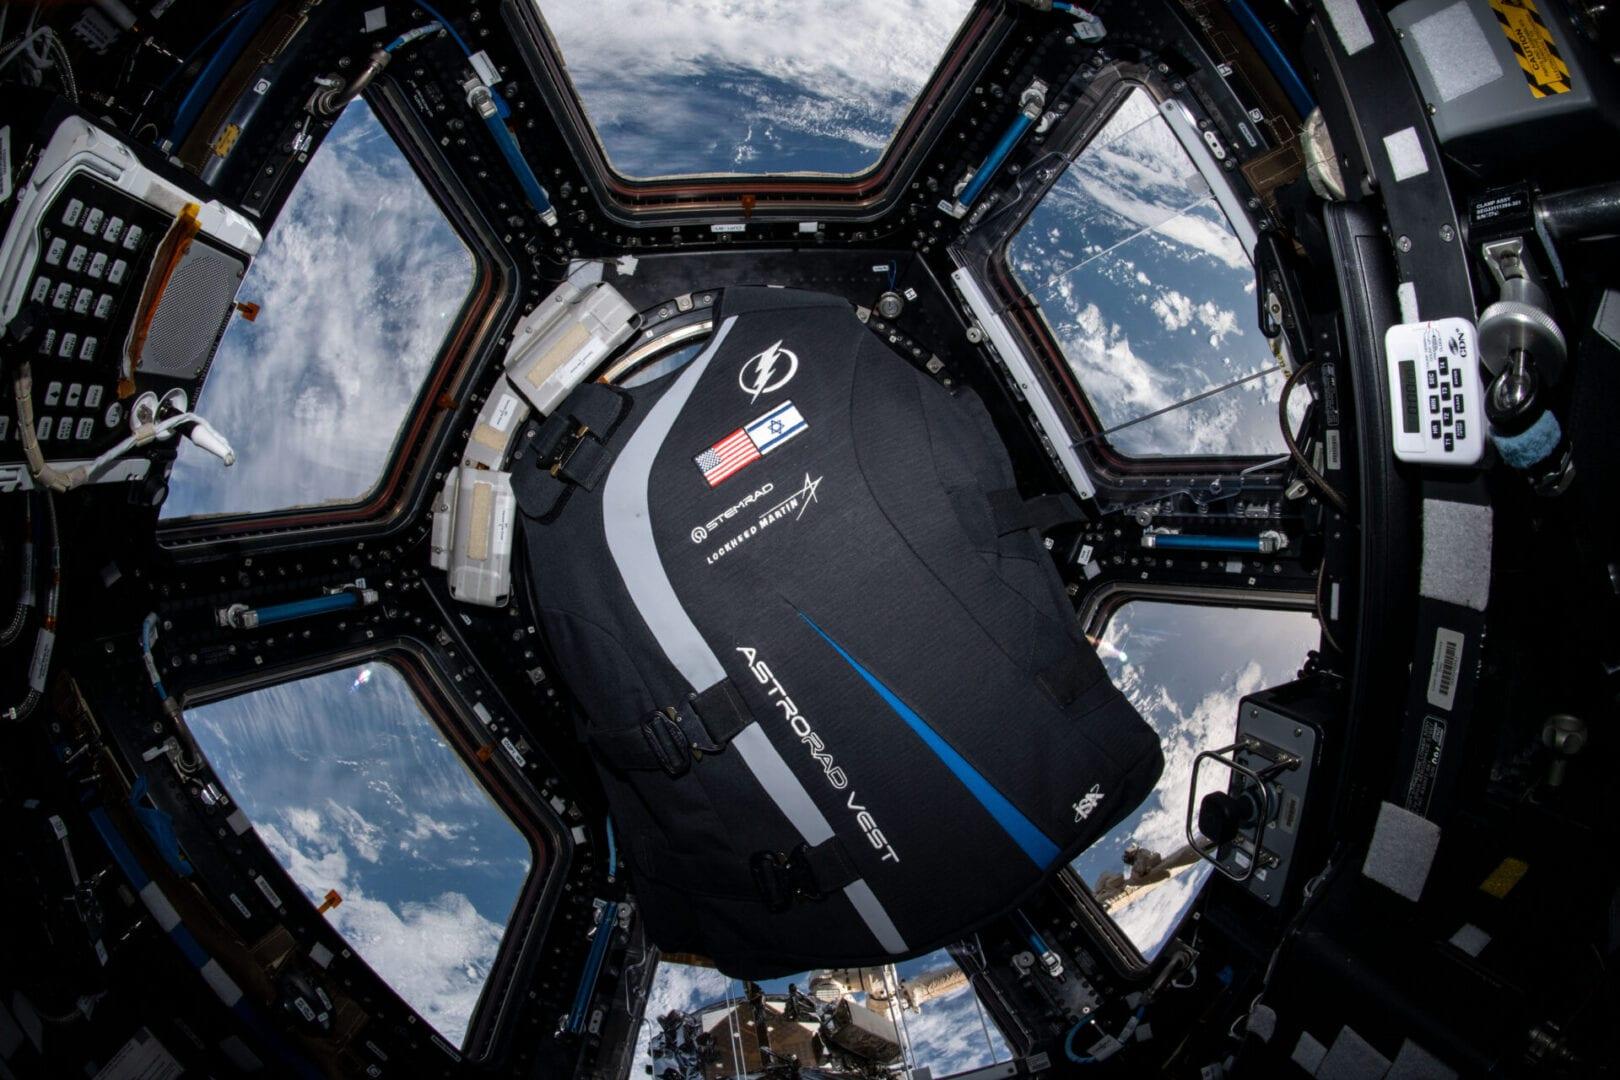 Ergonomické testy protiradiační vesty AstroRad probíhaly na vesmírné stanici ISS (zdroj NASA).